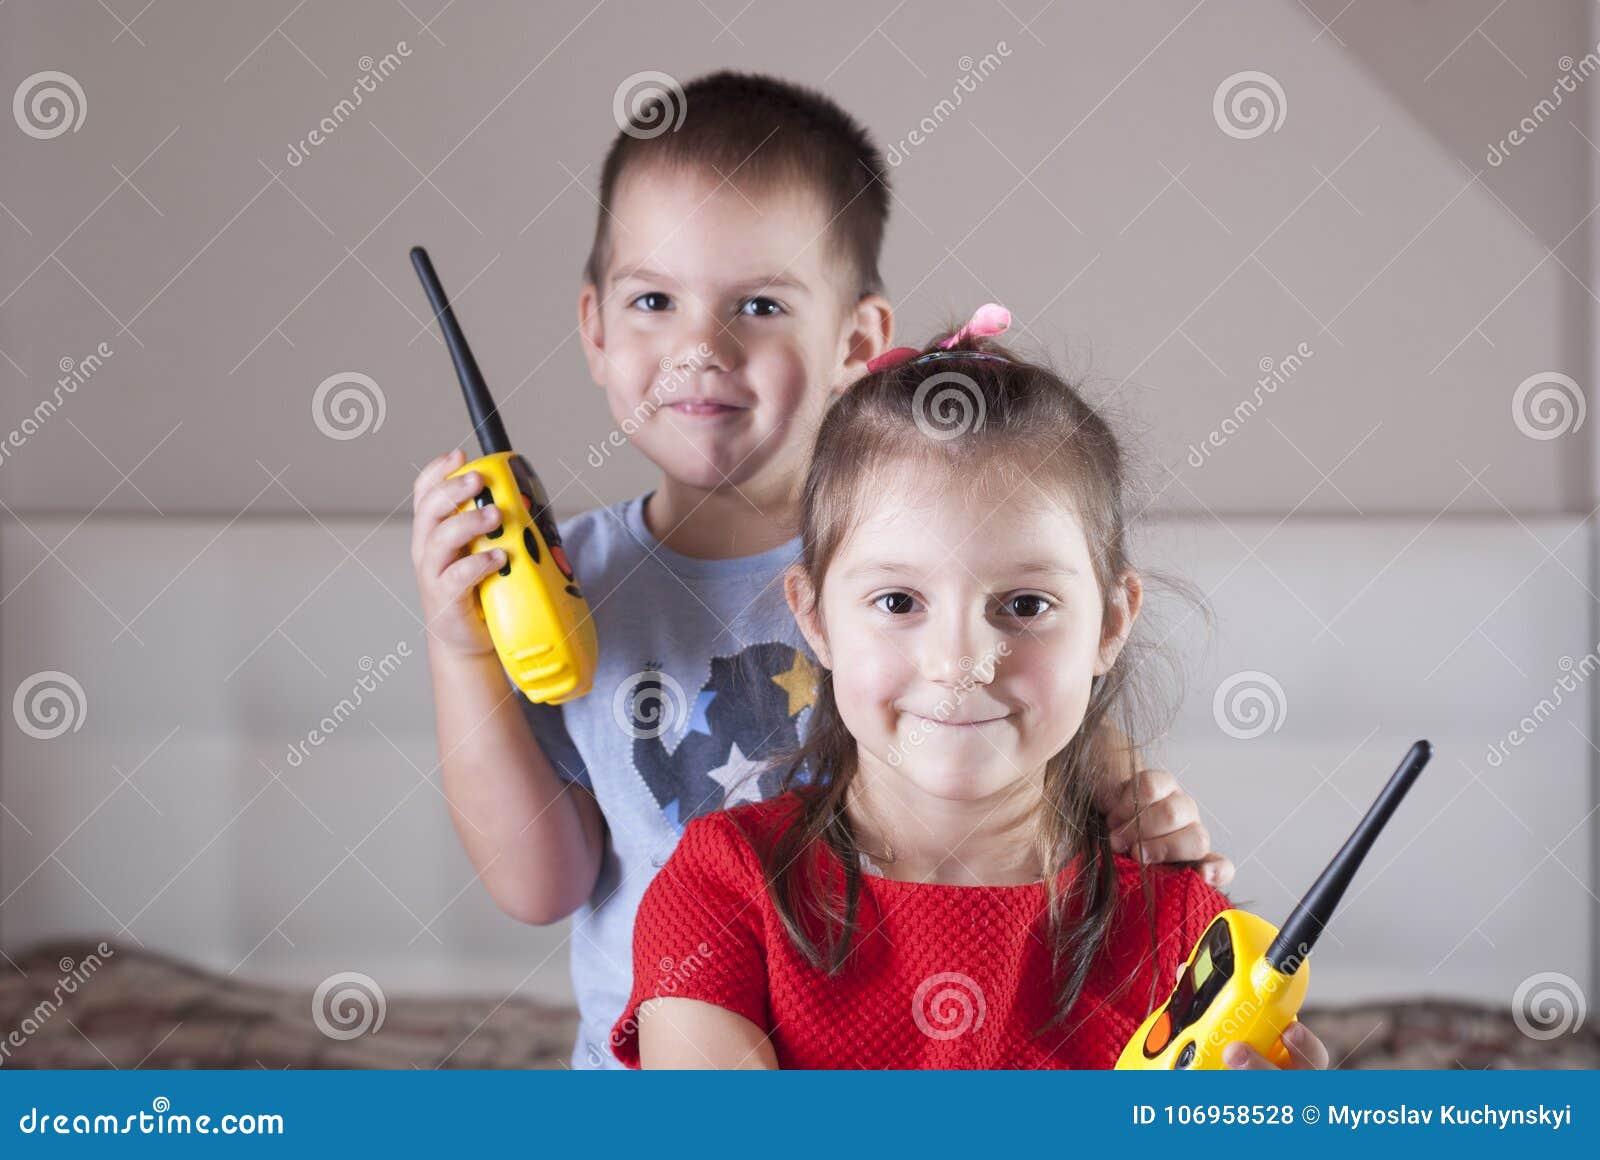 Juego de niños con el Walkietalkie